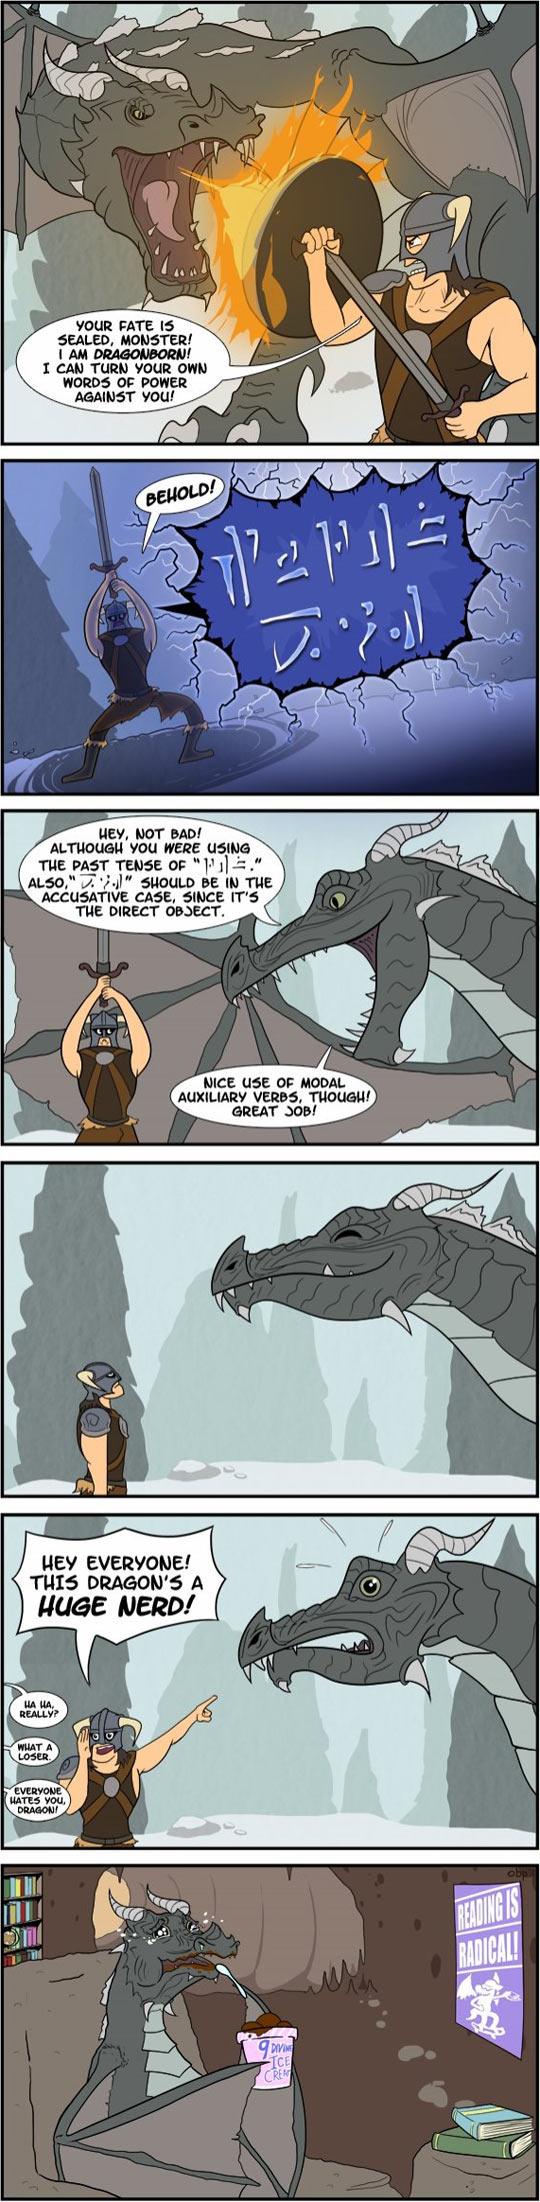 funny-comic-nerd-dragon-conquer-fire